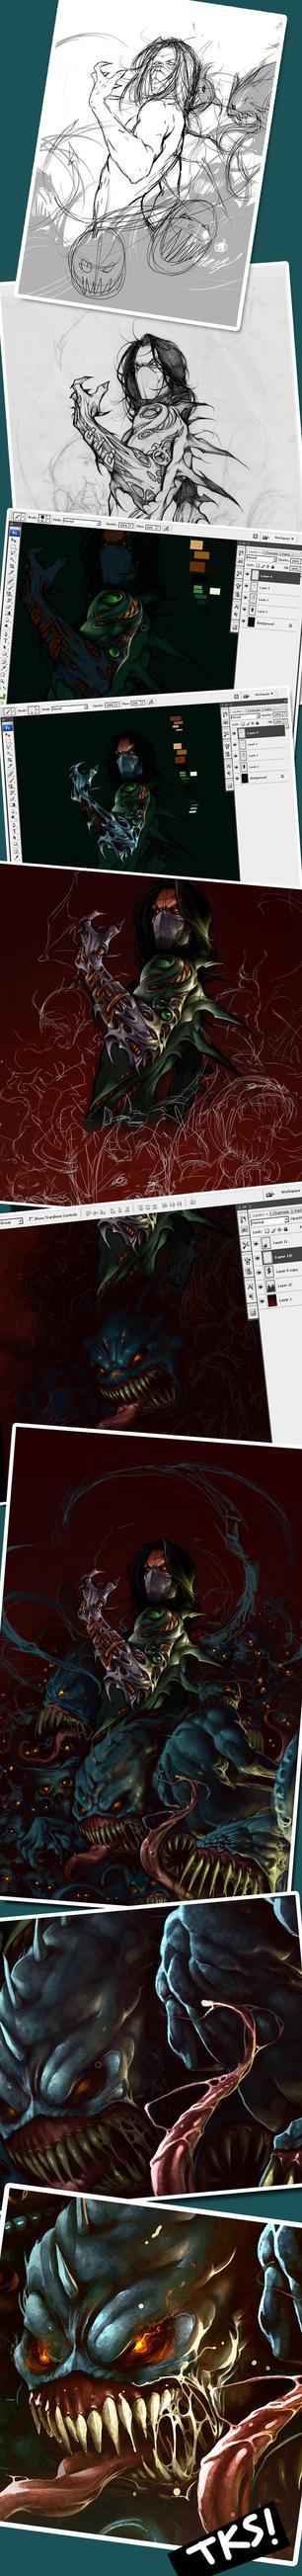 Darkness Details by abraaolucas